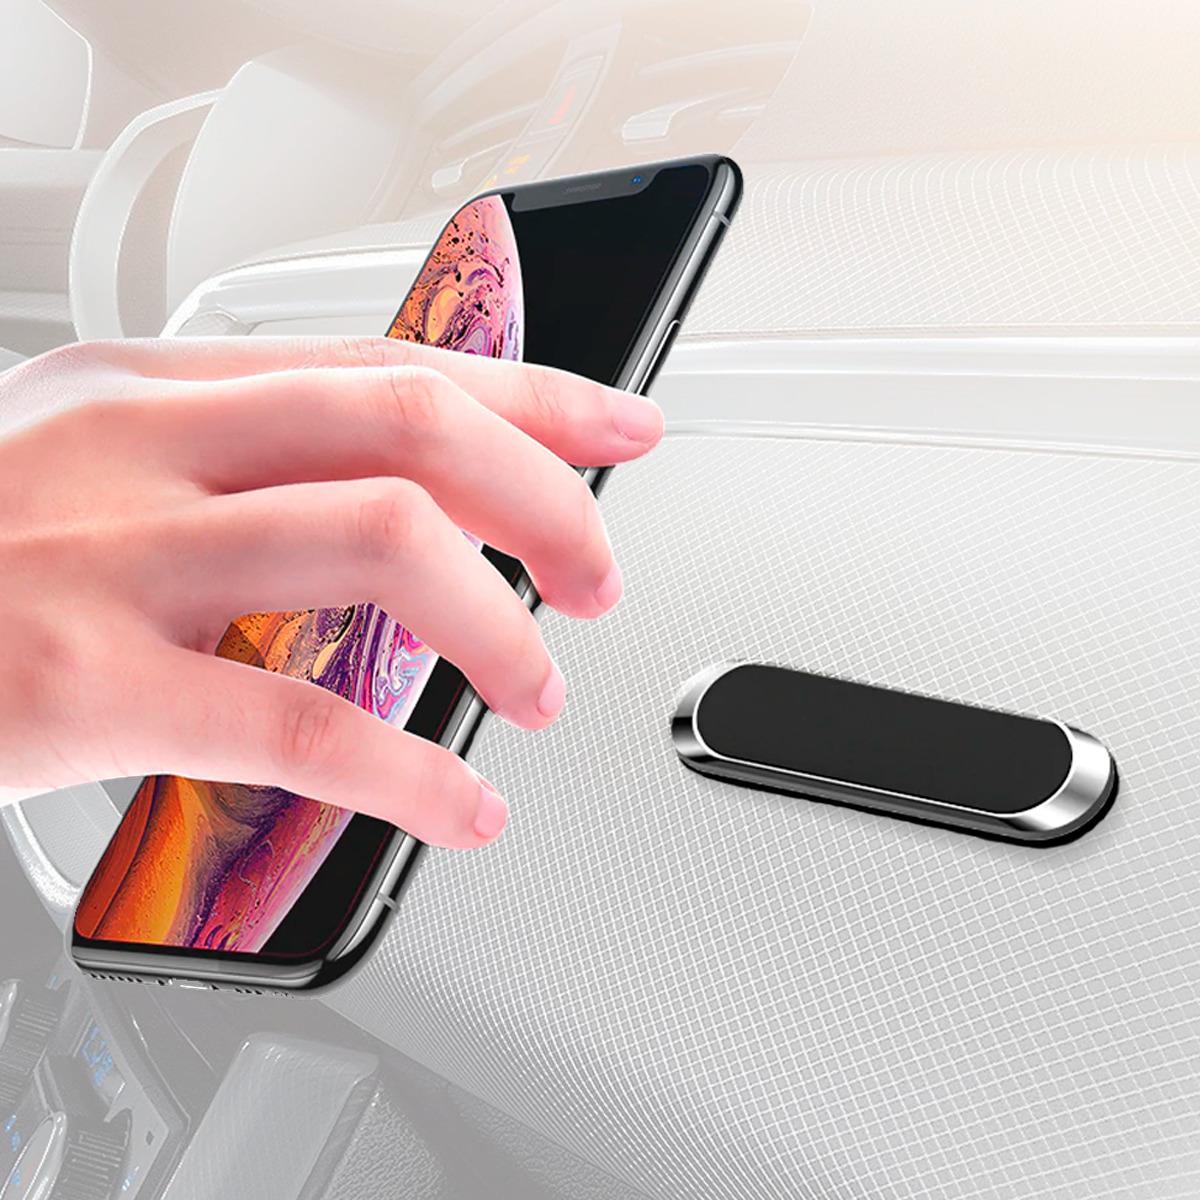 Soporte Magnético De Celular Compacto Para Carro